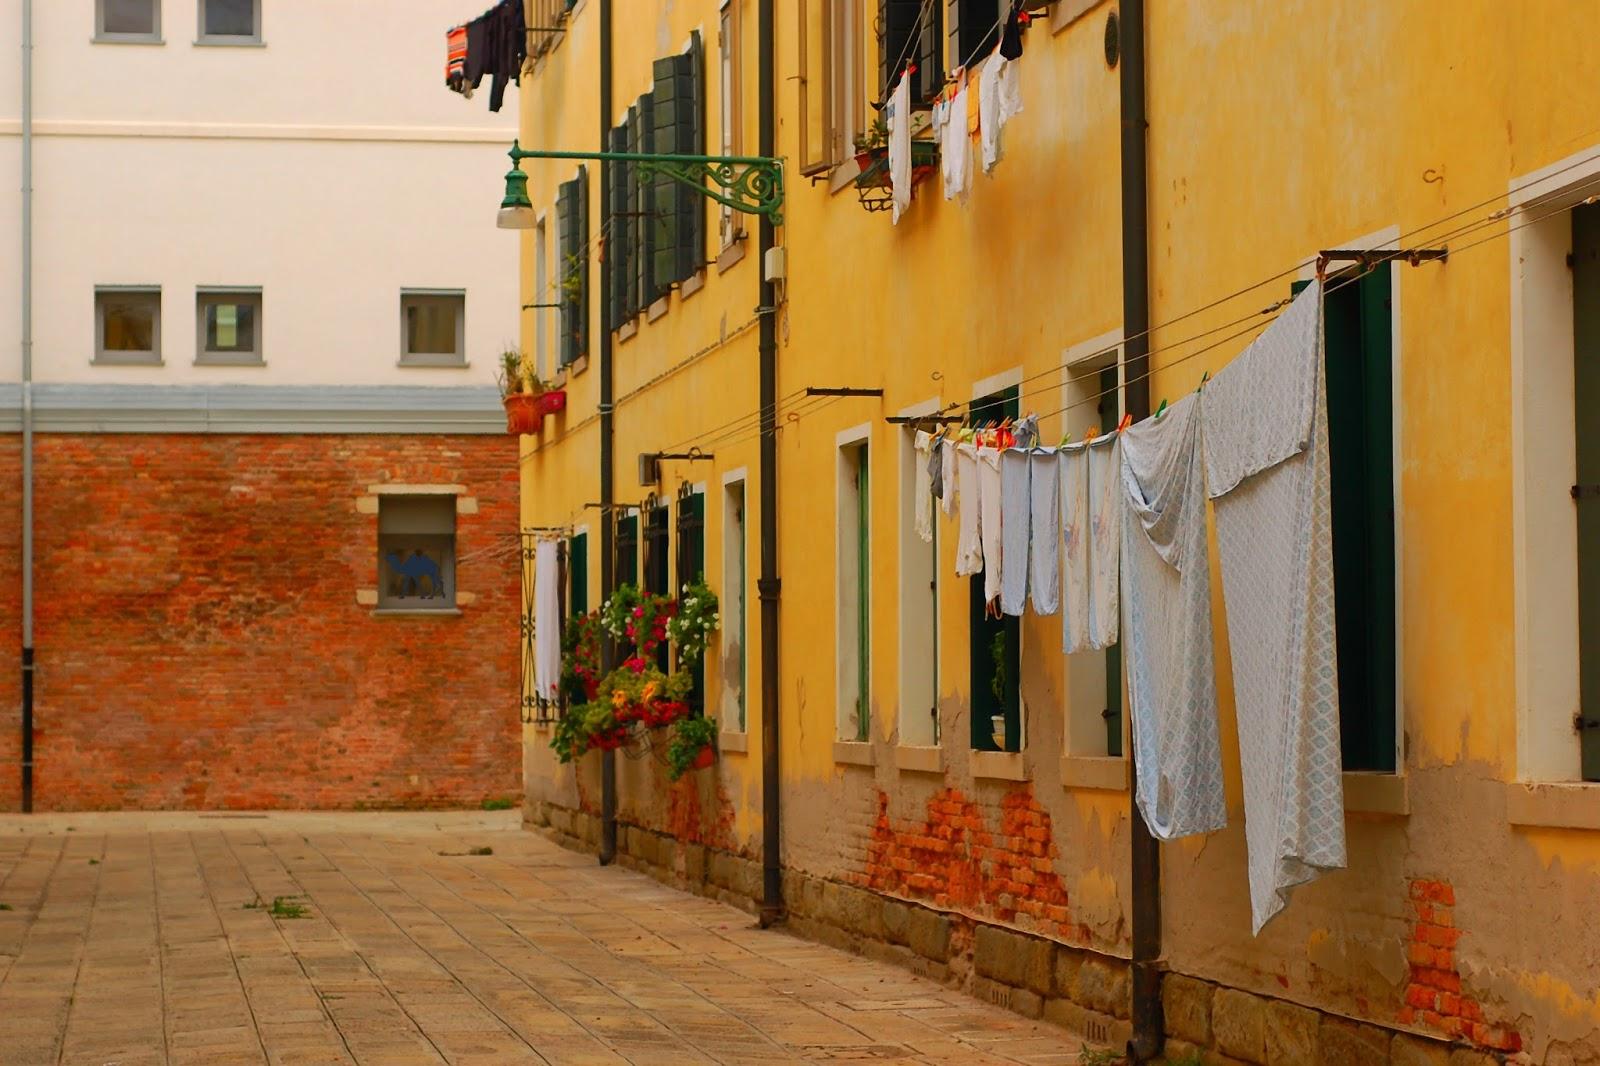 Le Chameau Bleu - Venise ou la ville aux draps  - Balade à Venise